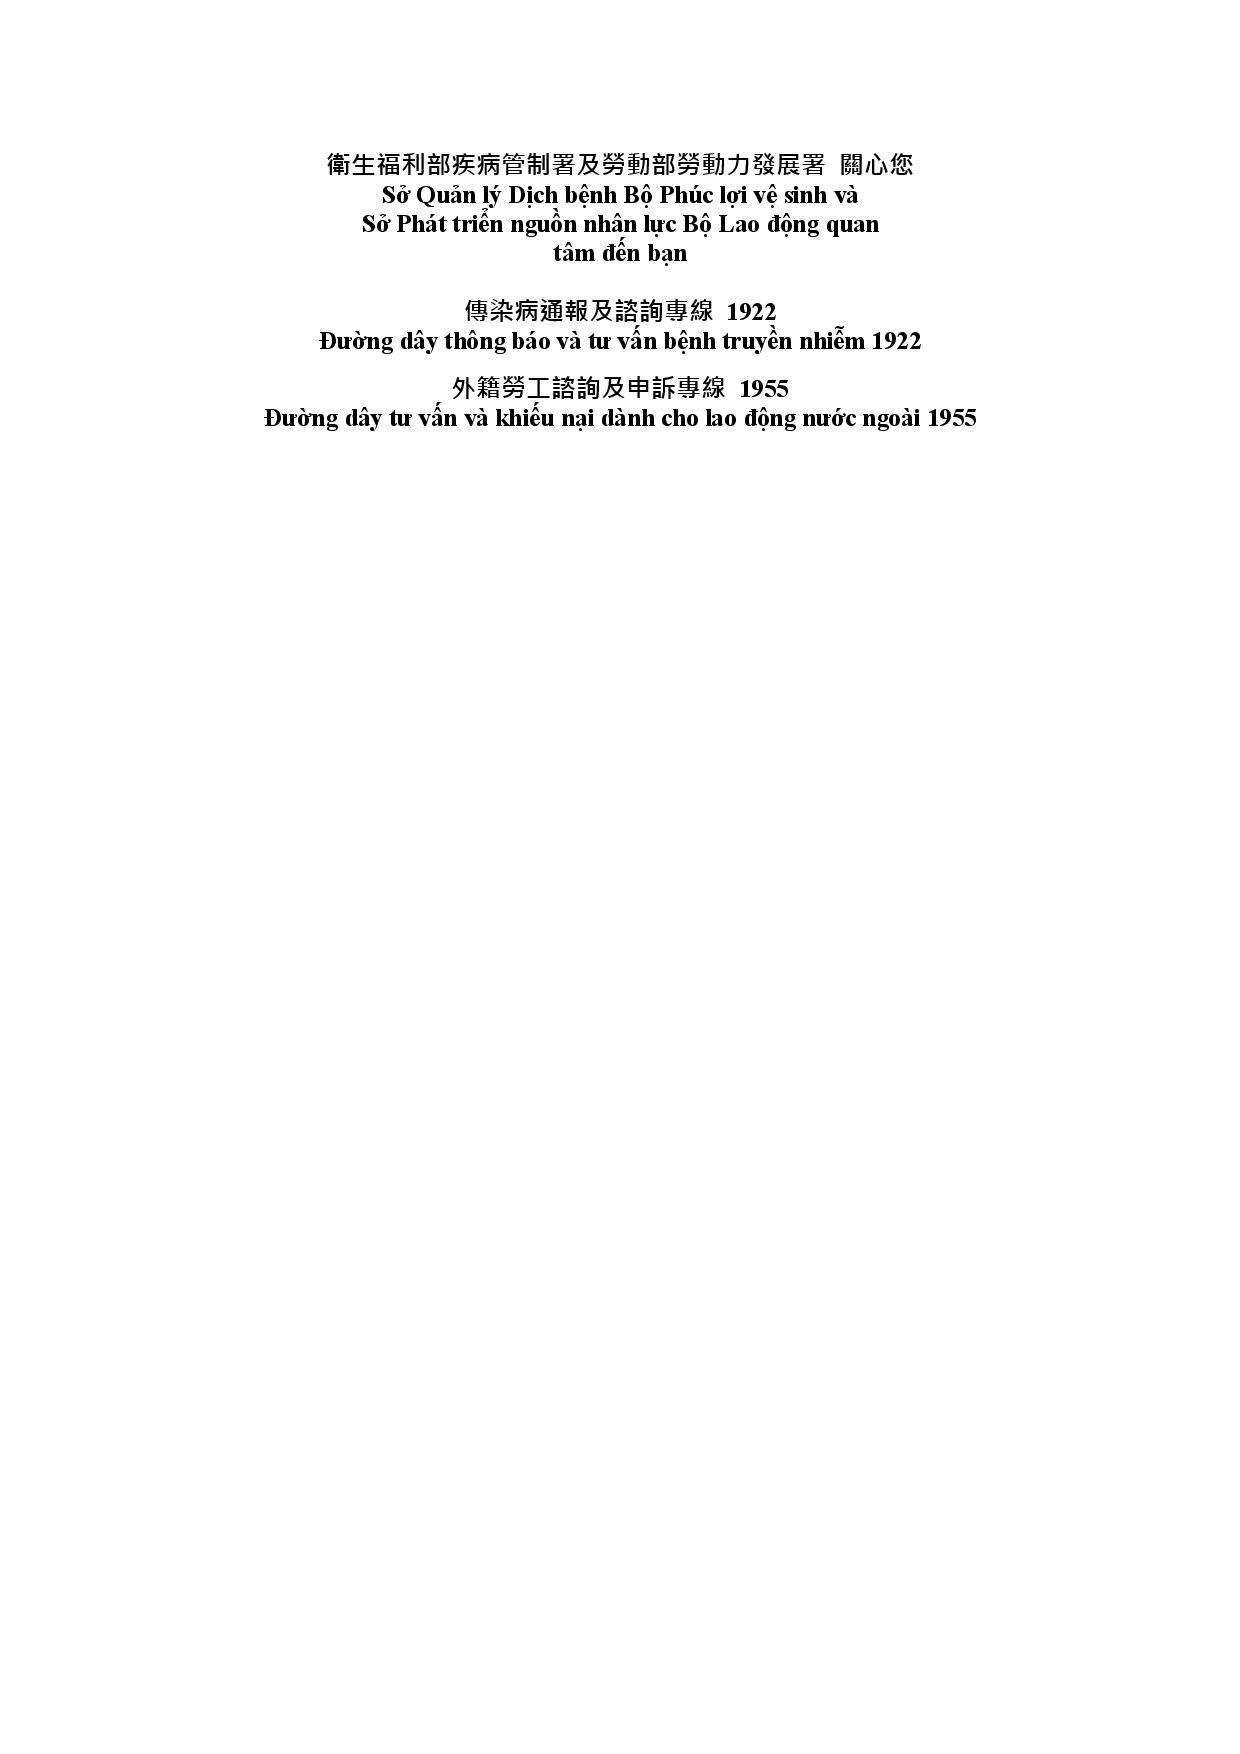 詳如附件【nhấp vào đây】Phòng ngừa viêm dạ dày do vi khuẩn(Trang 3)預防細菌性腸胃炎(越文)